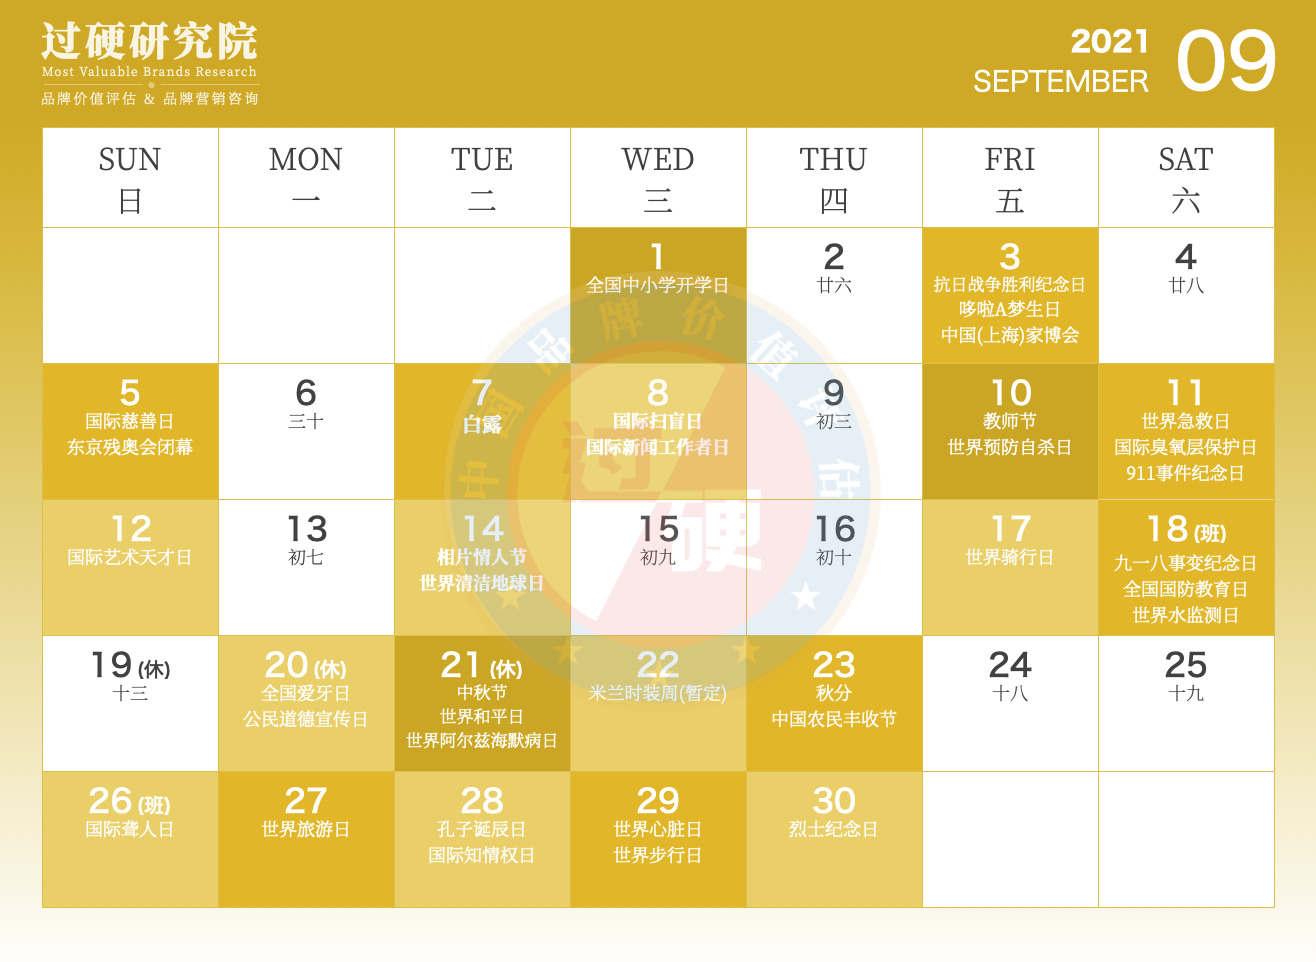 过硬2021年9月营销日历